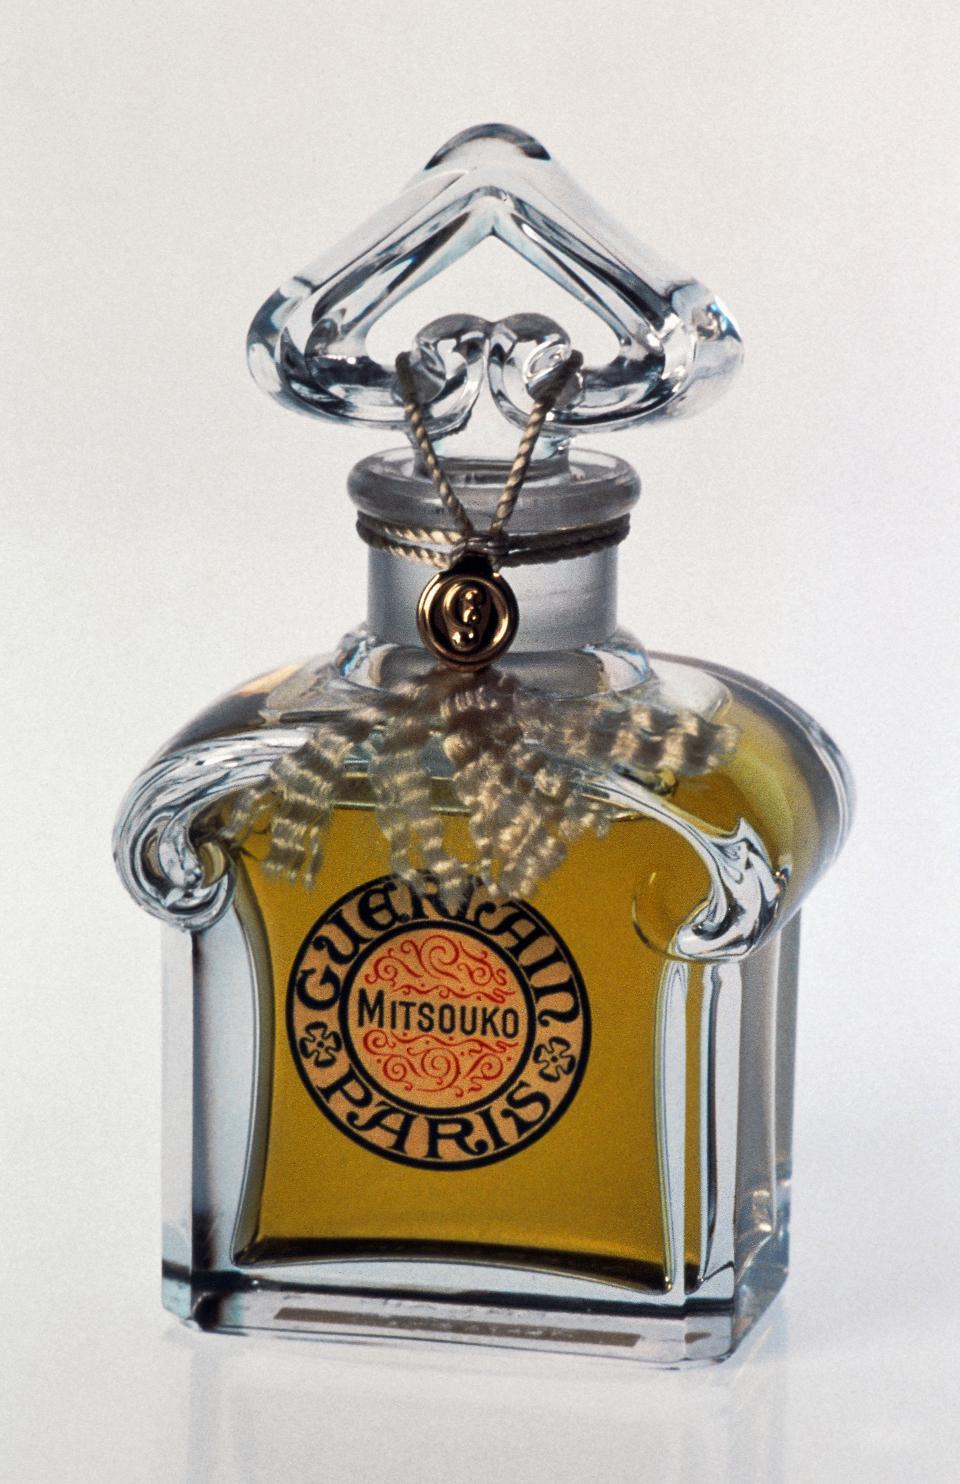 Mitsouko perfume bottle...